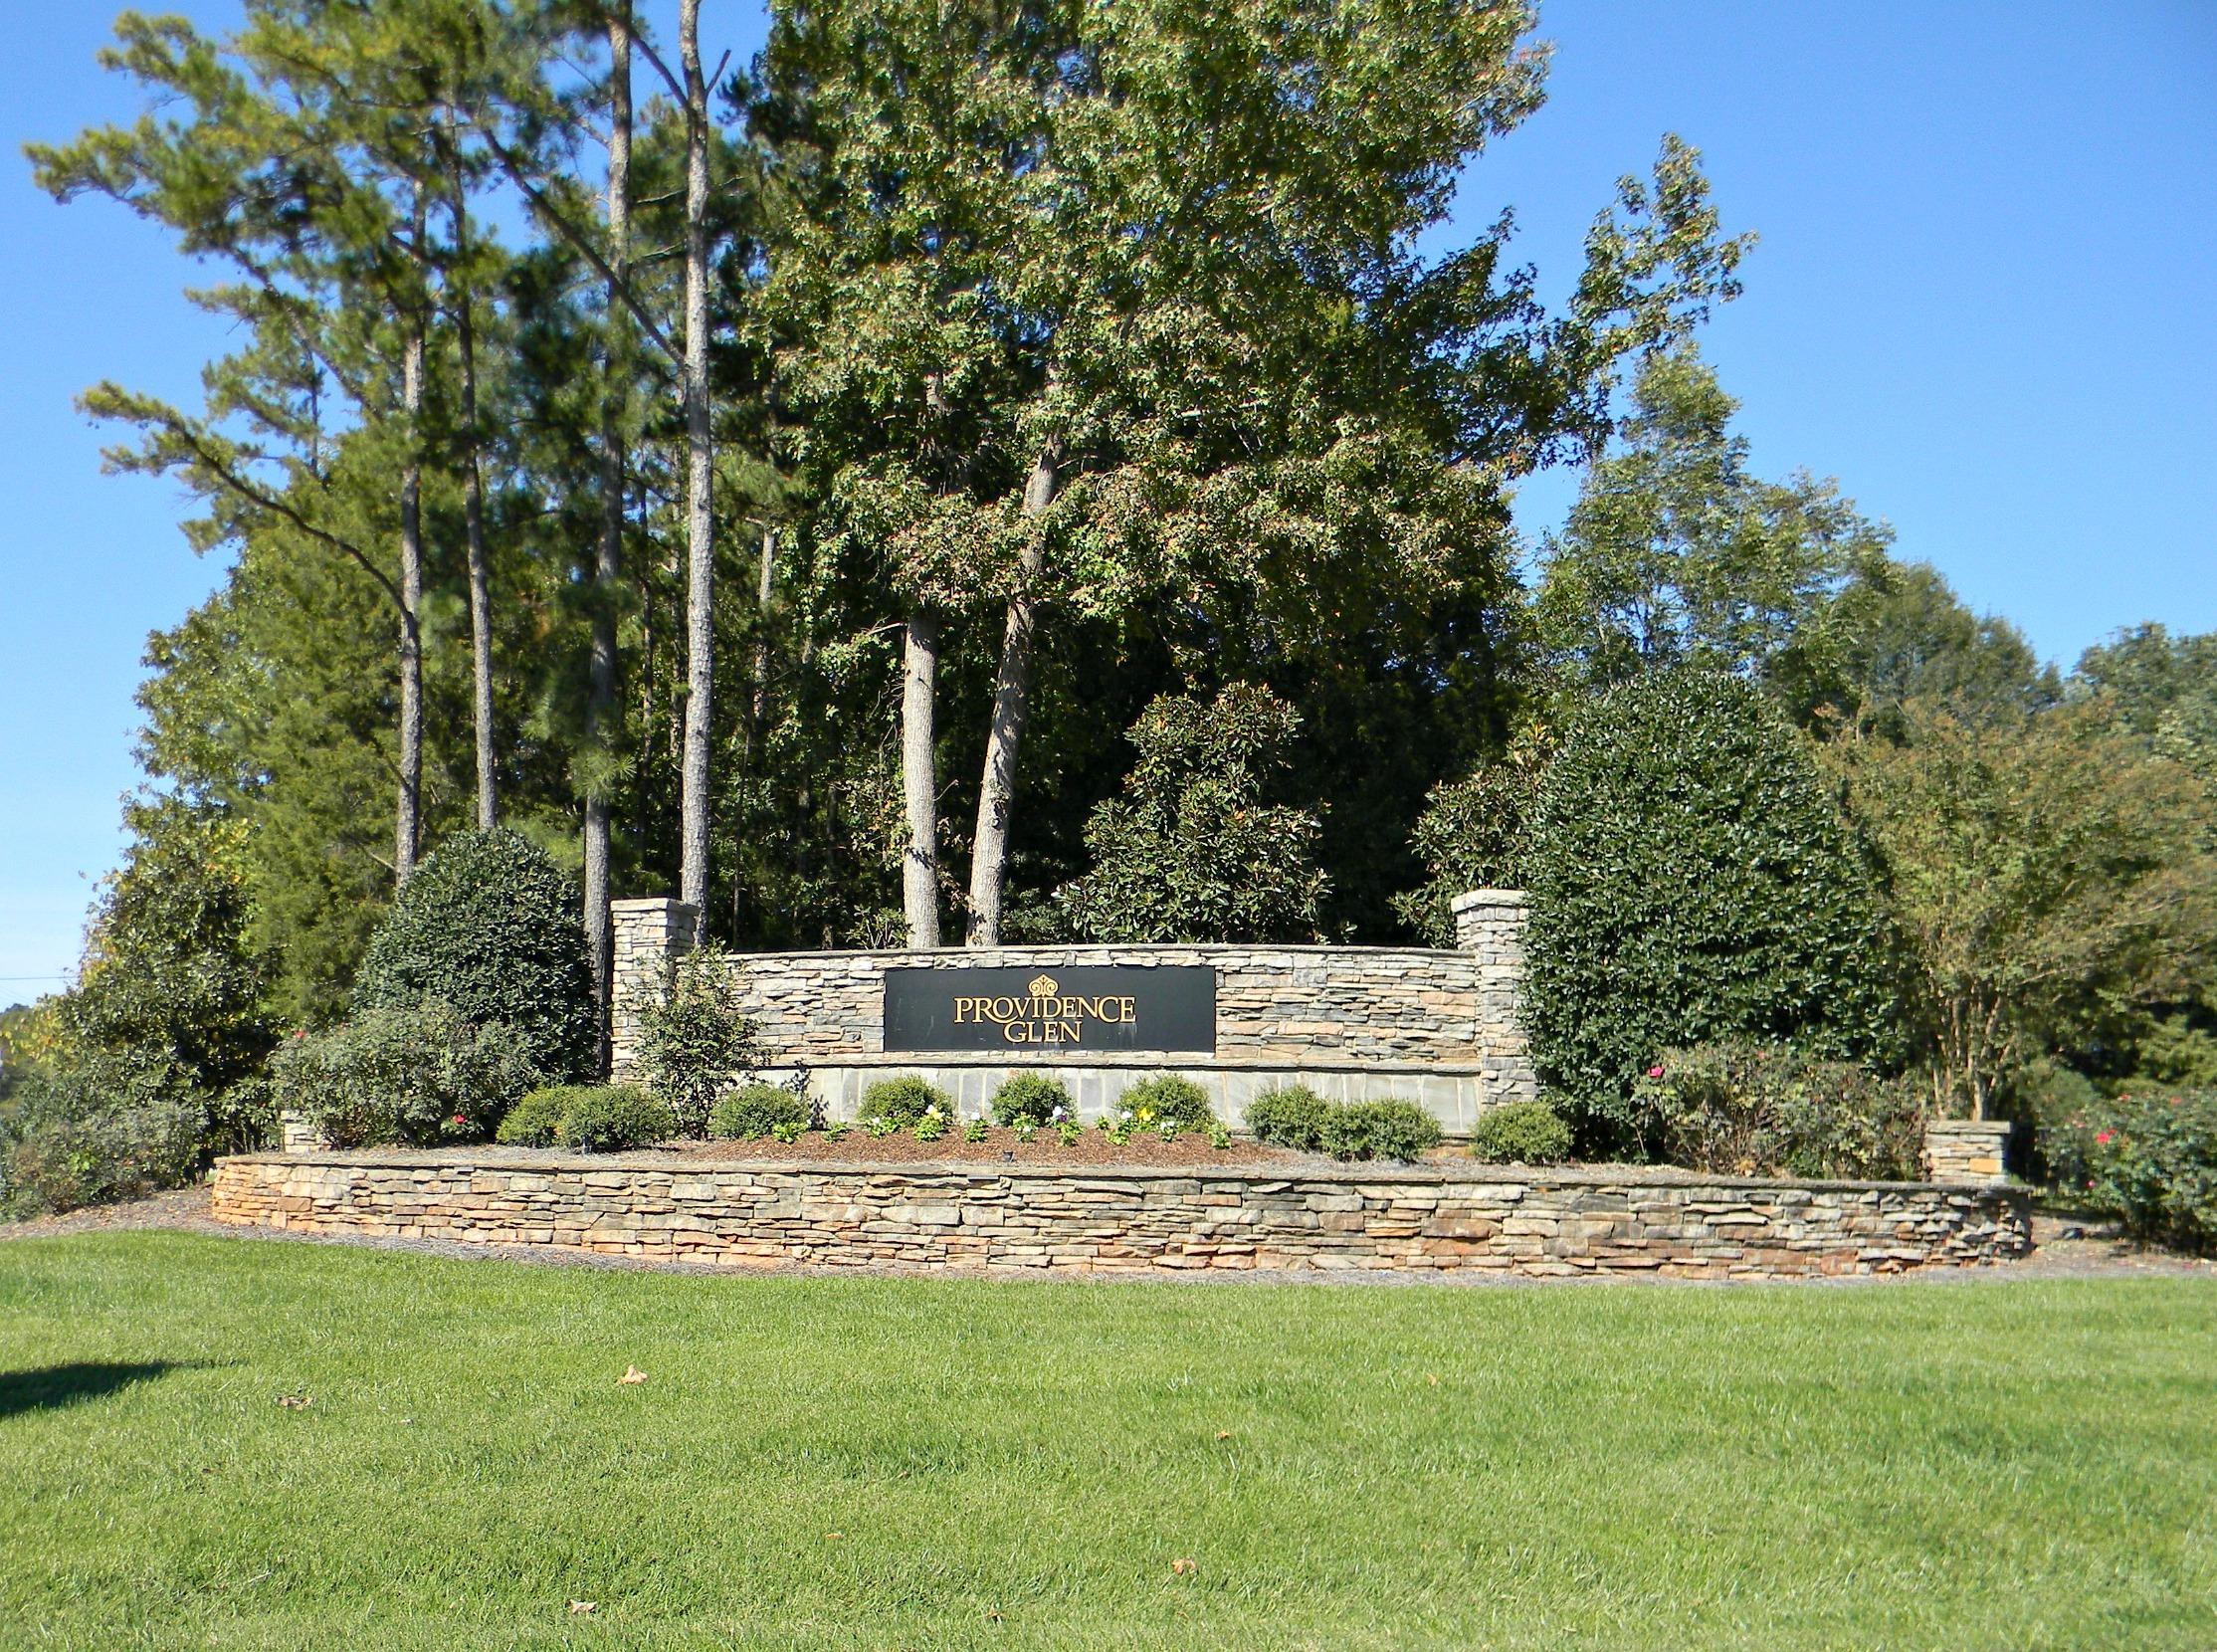 Providence Glen 1 Charlotte Home Seeker